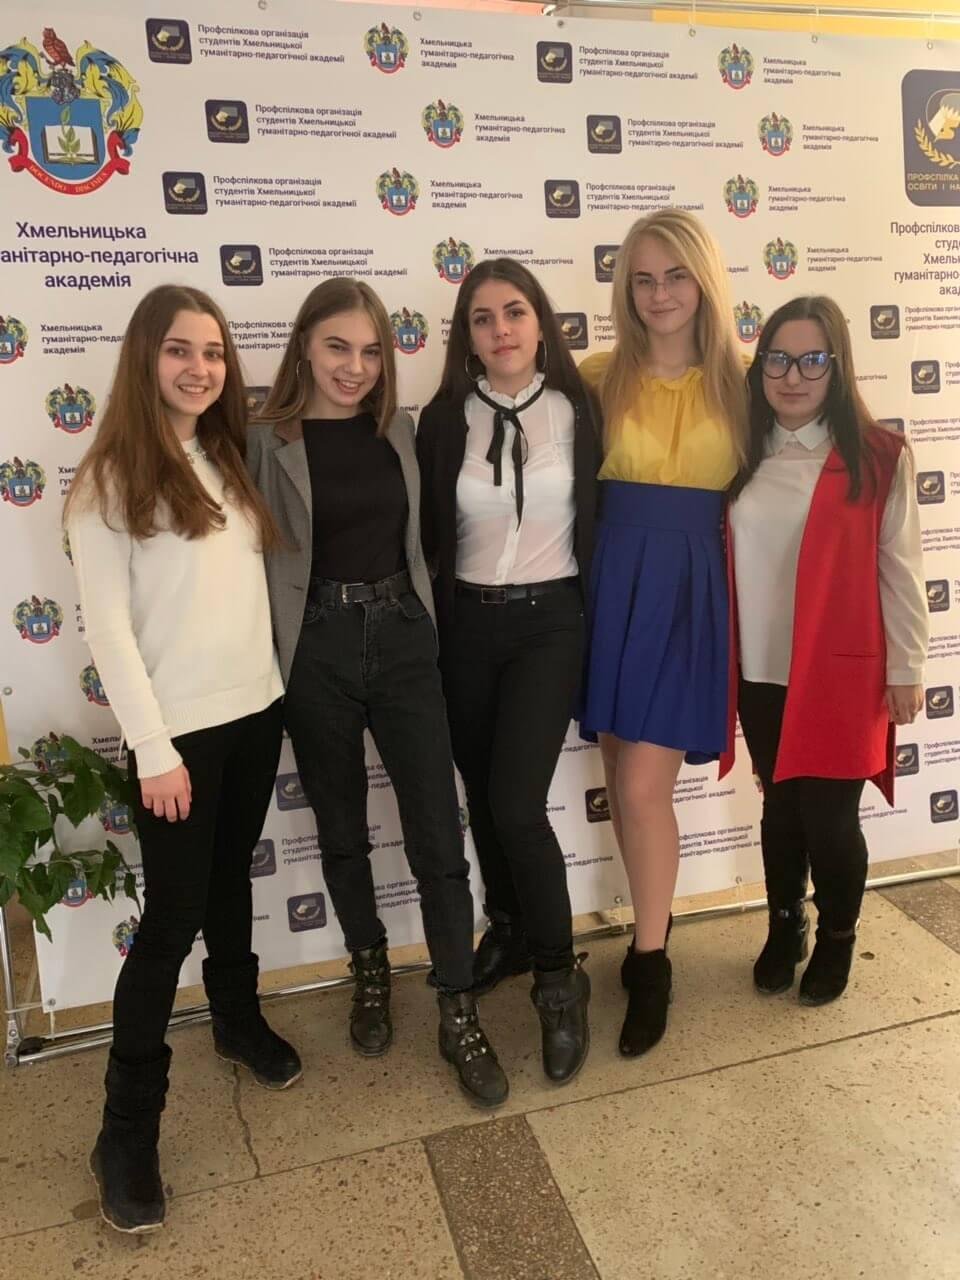 viber image 2019 02 16 19.05.531 - Кращих юних дослідників Городоцького ліцею№1 визначено